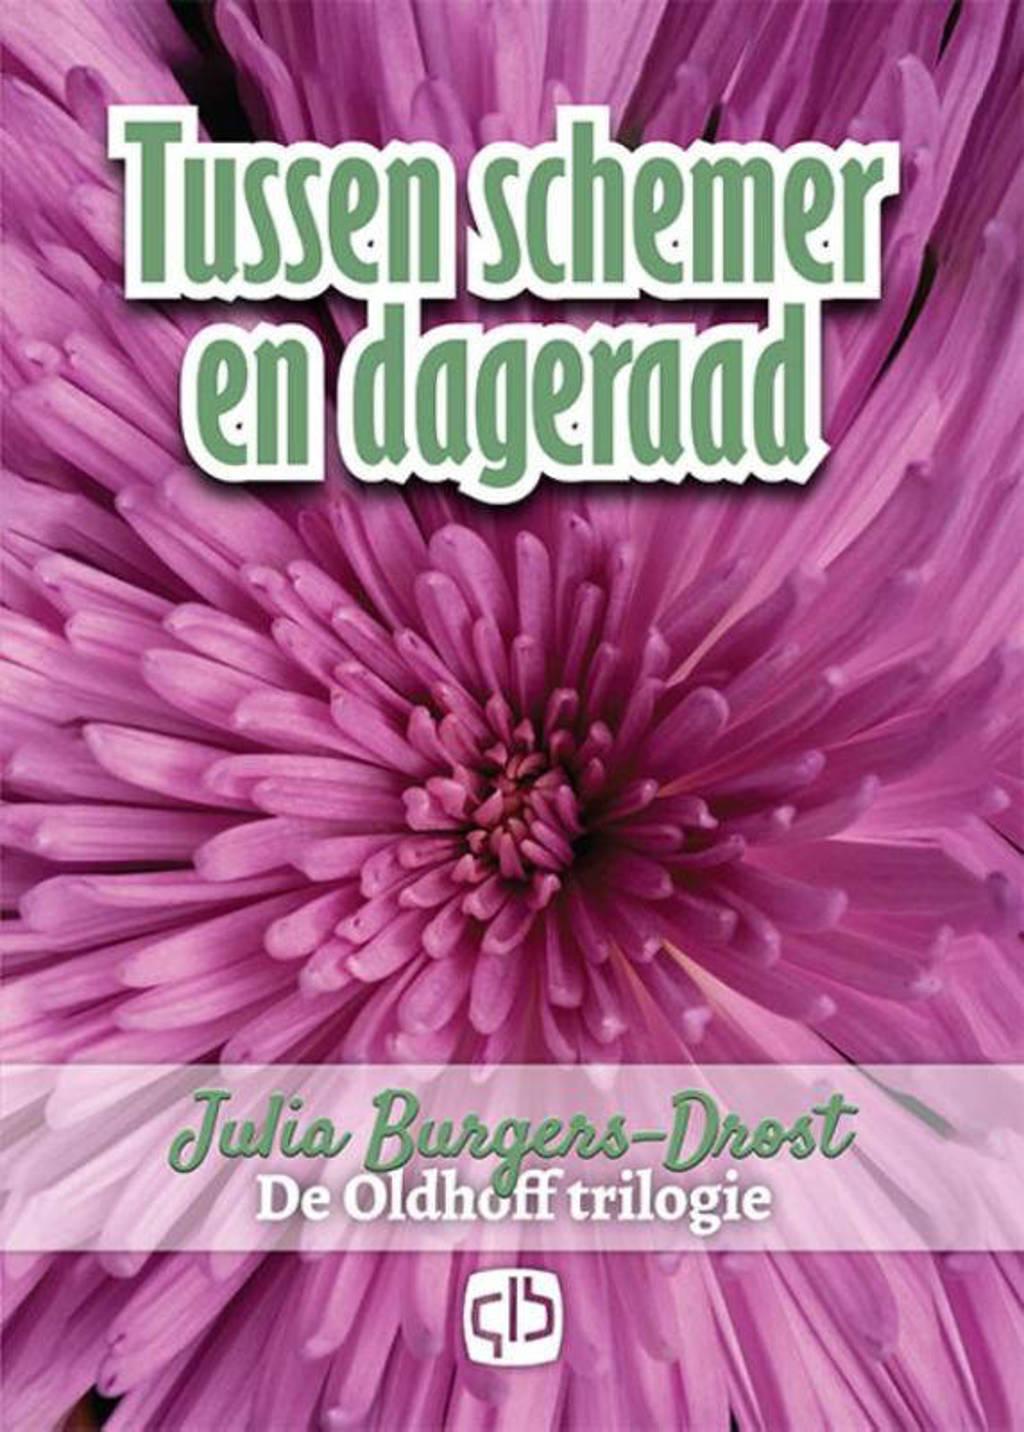 Tussen schemer en dageraad - Julia Burgers-Drost